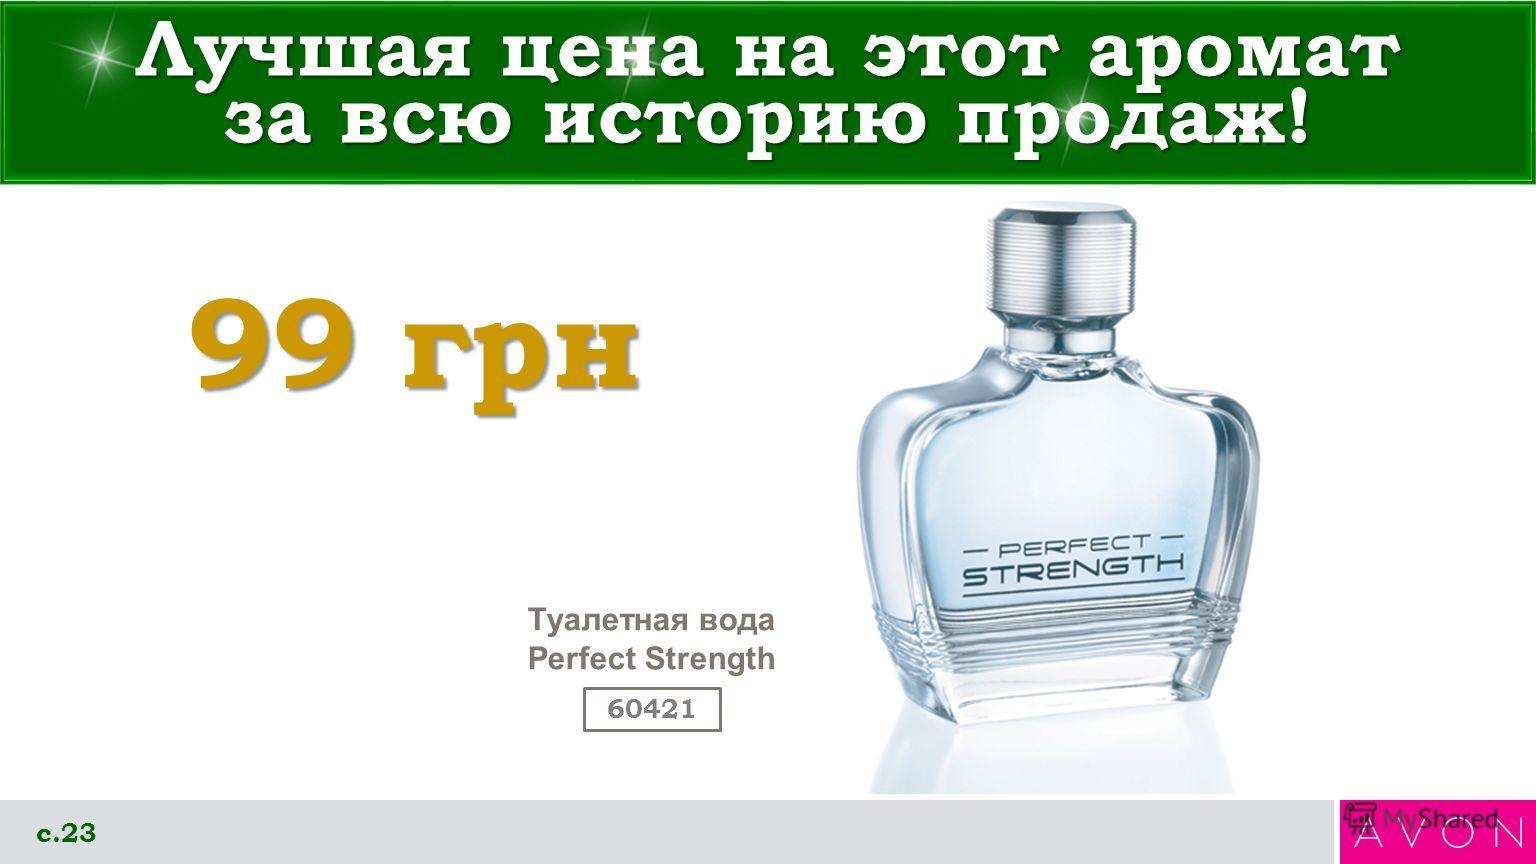 Лучшая цена на этот аромат за всю историю продаж! Туалетная вода Perfect Strength с.23 99 грн 60421